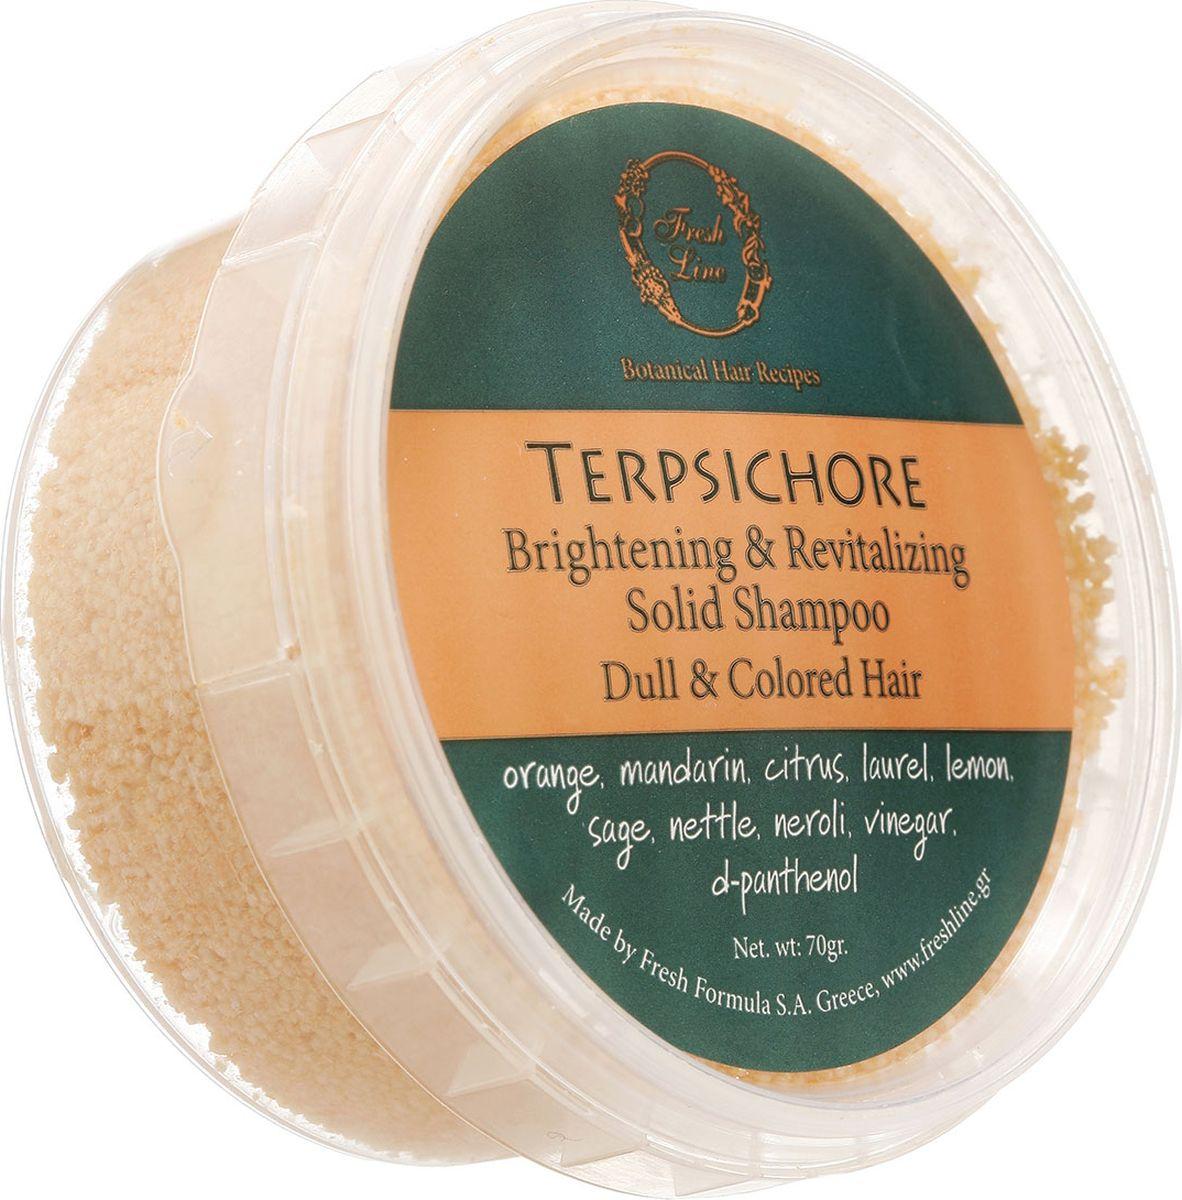 Fresh Line Шампунь твердый для волос для силы и блеска Терпсихора, 70 г900620Содержит смесь тонизирующих и укрепляющих эфирных масел: лимона, апельсина, нероли, лавра благородного, кедра, шалфея мускатного. Придает сияние тусклым волосам. Также может применяться для волос с жирными корнями и сухими кончиками.